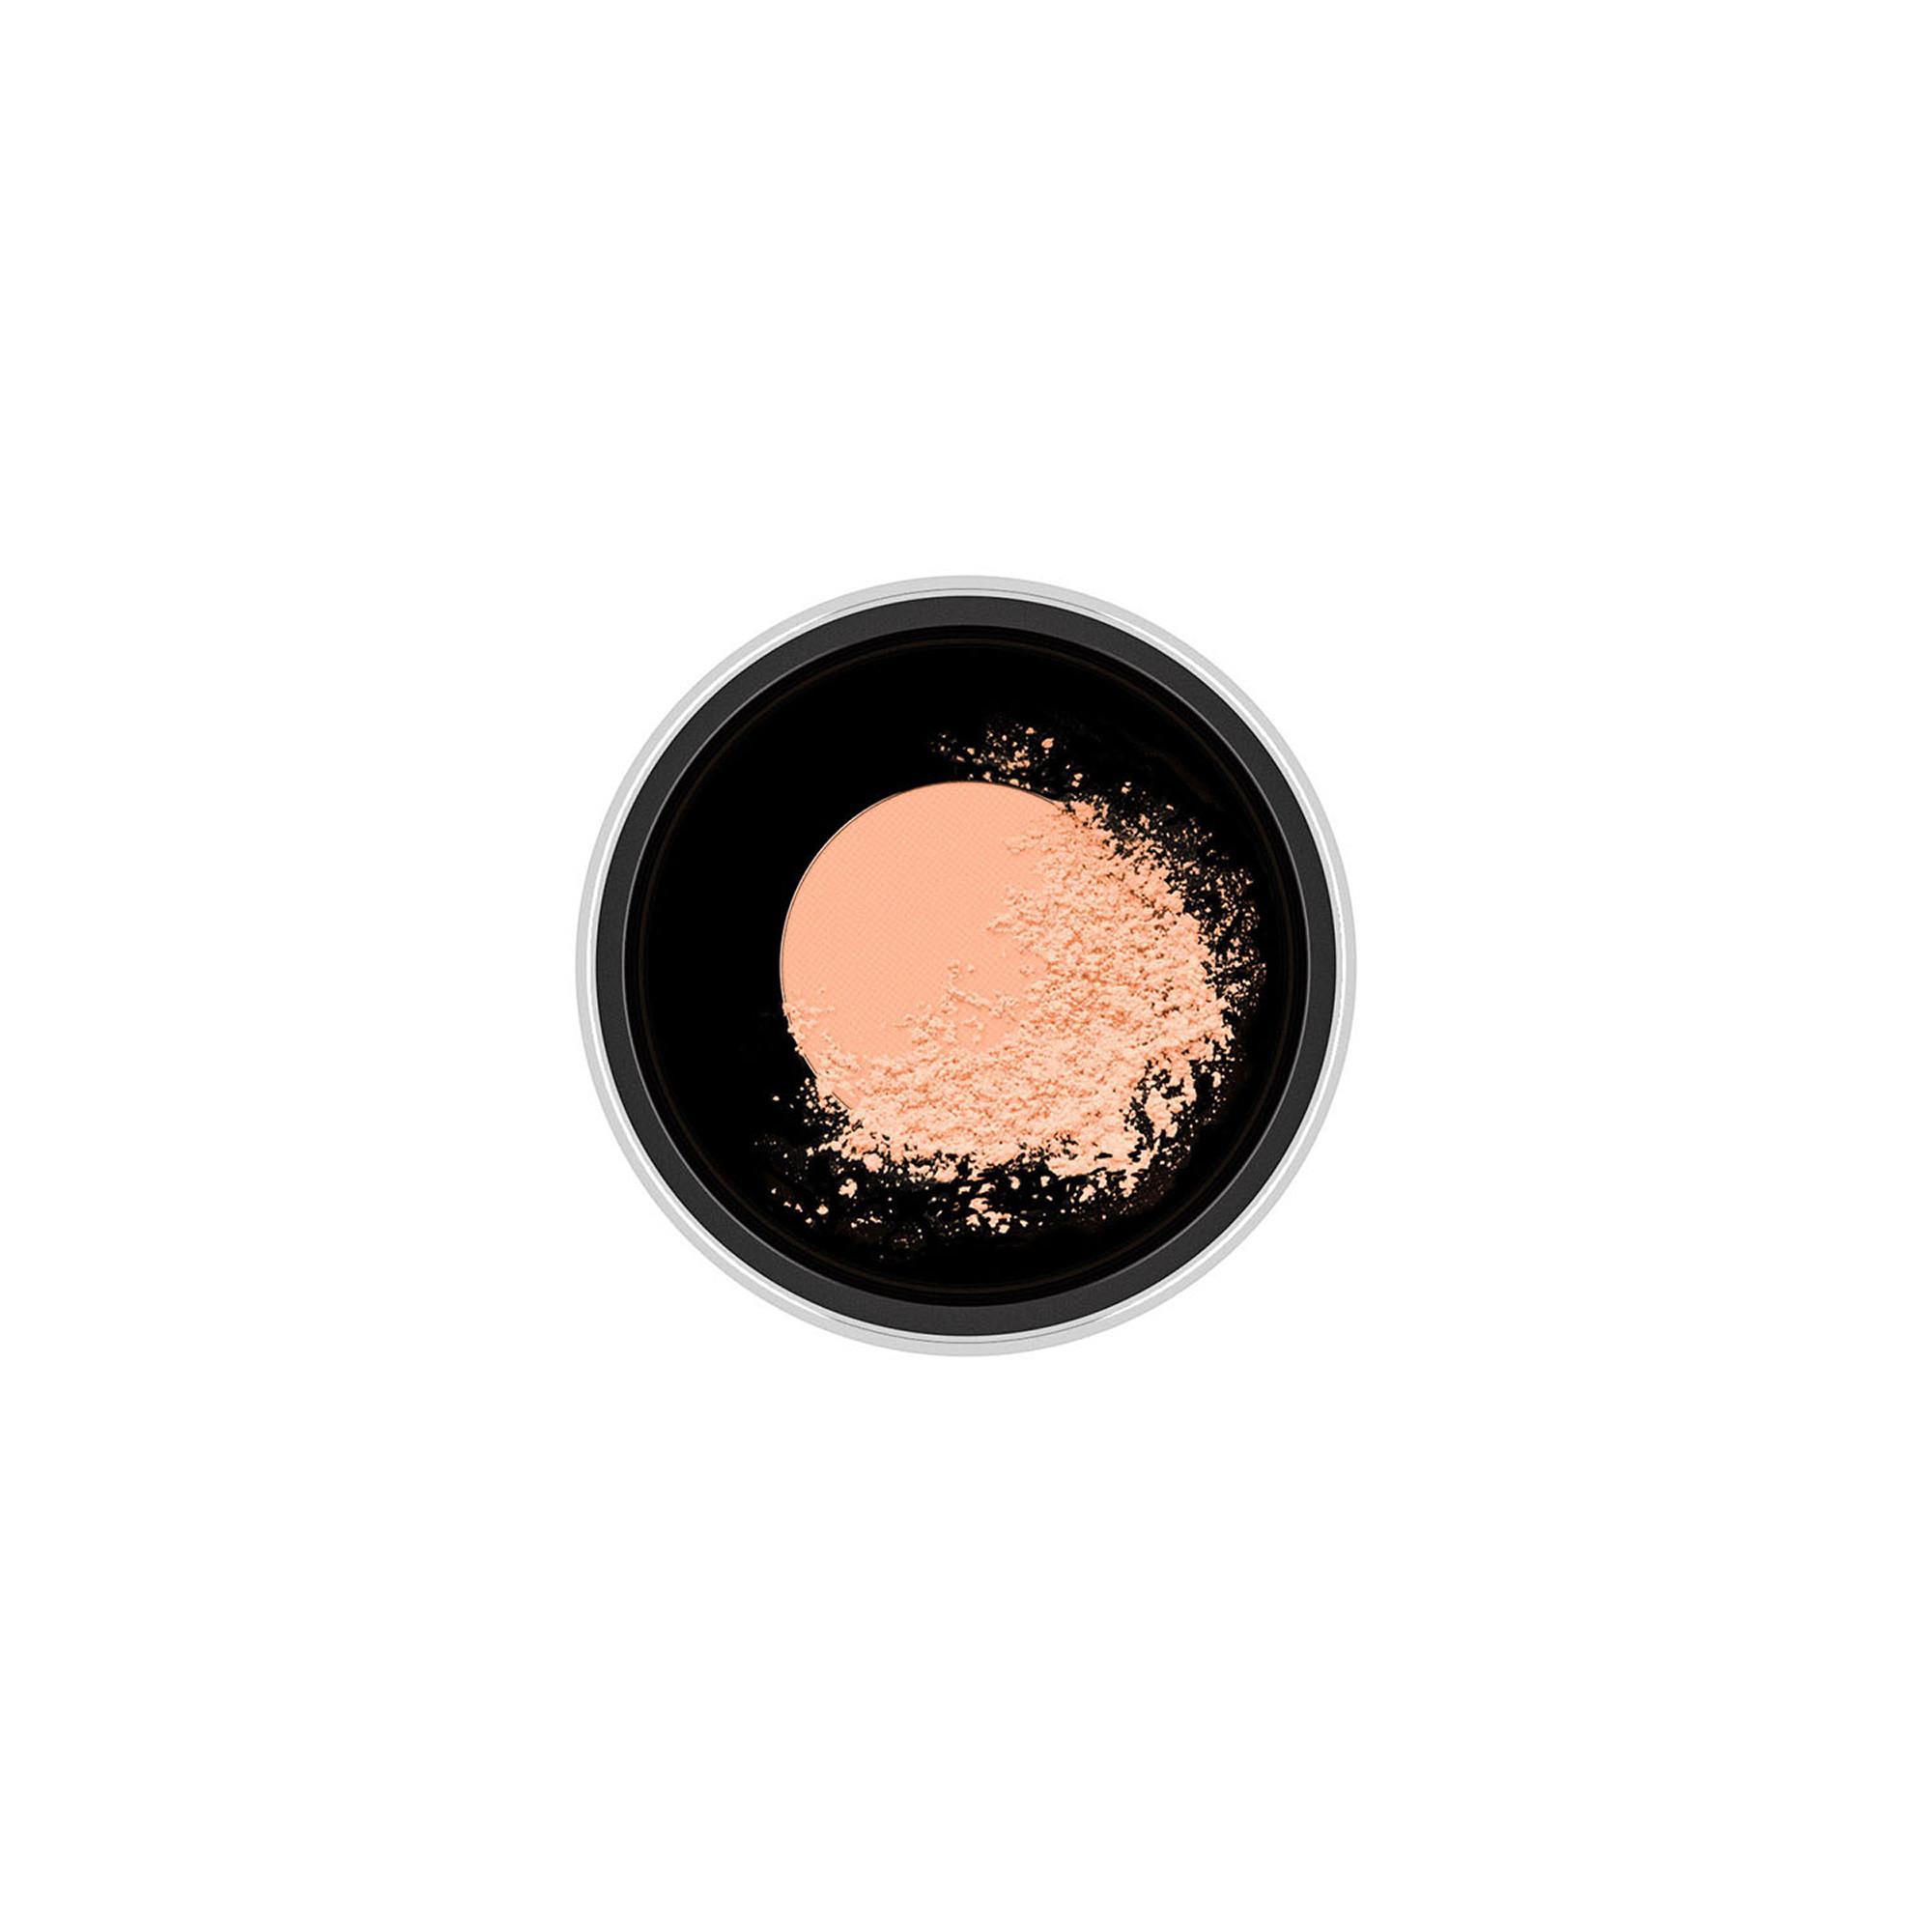 Studio Fix Perfecting Loose Powder - Medium, MEDIUM, large image number 0